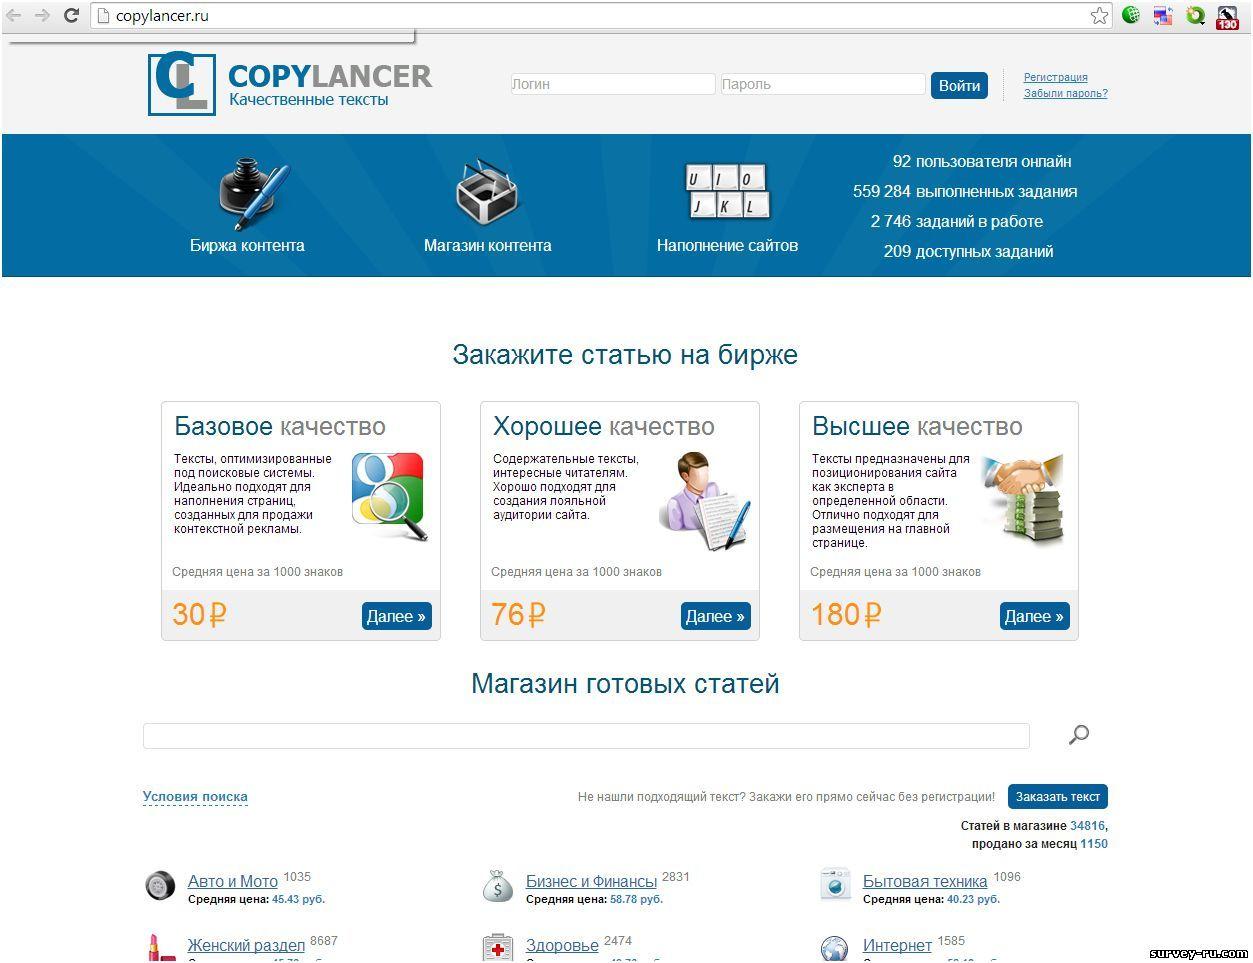 copylancer.ru